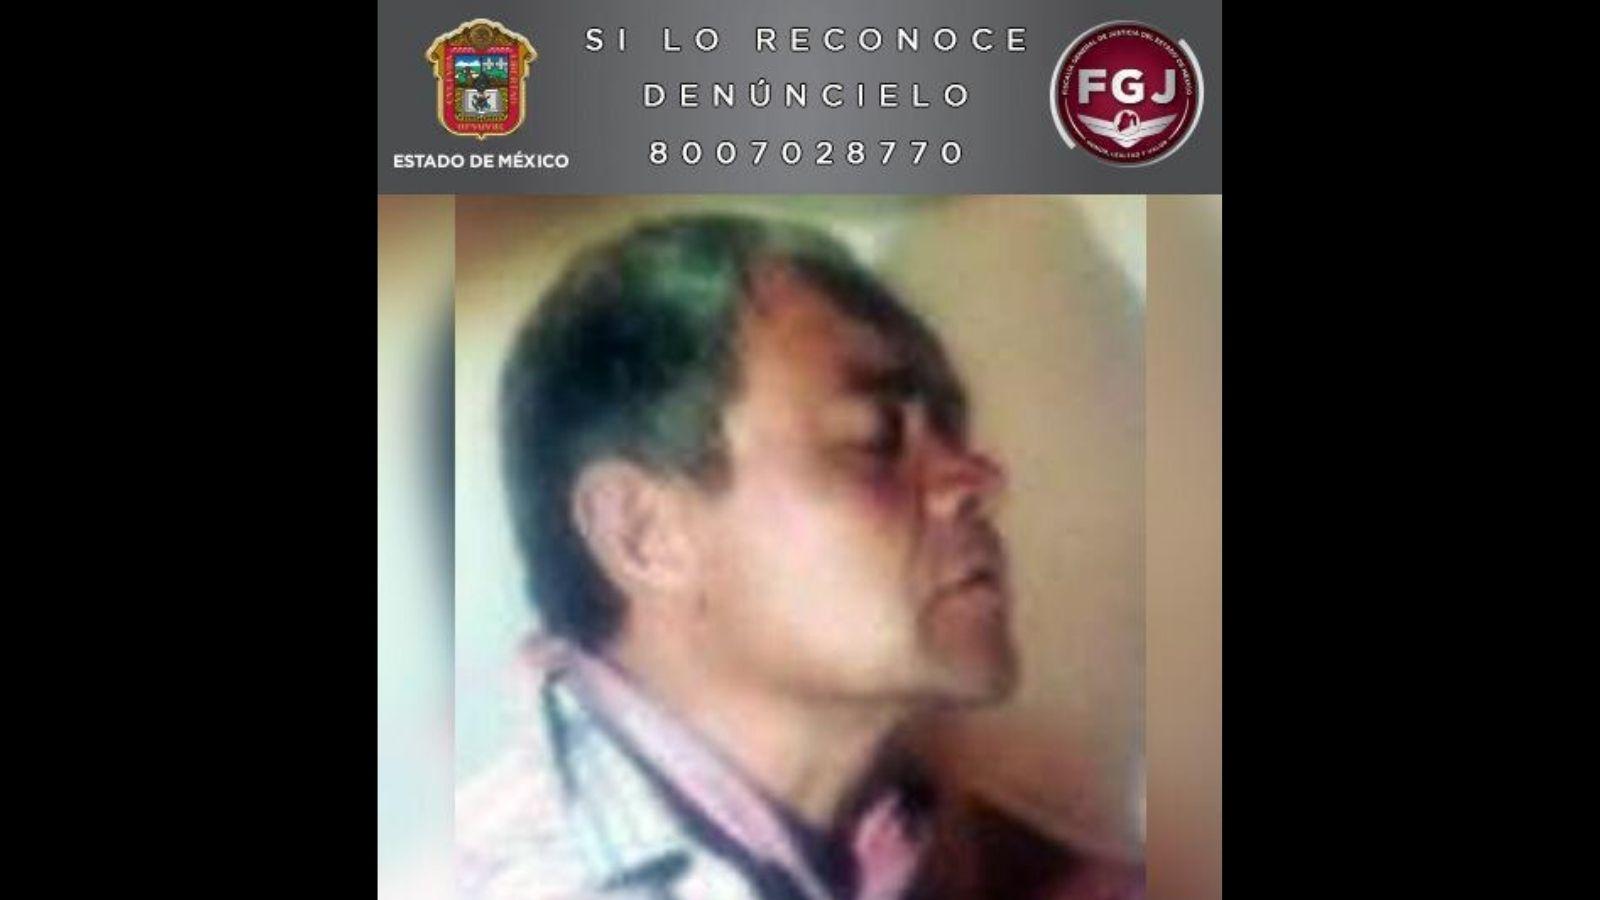 SENTENCIAN A 43 AÑOS DE CÁRCEL A SUJETO POR HOMICIDIO EN TENANGO DEL VALLE